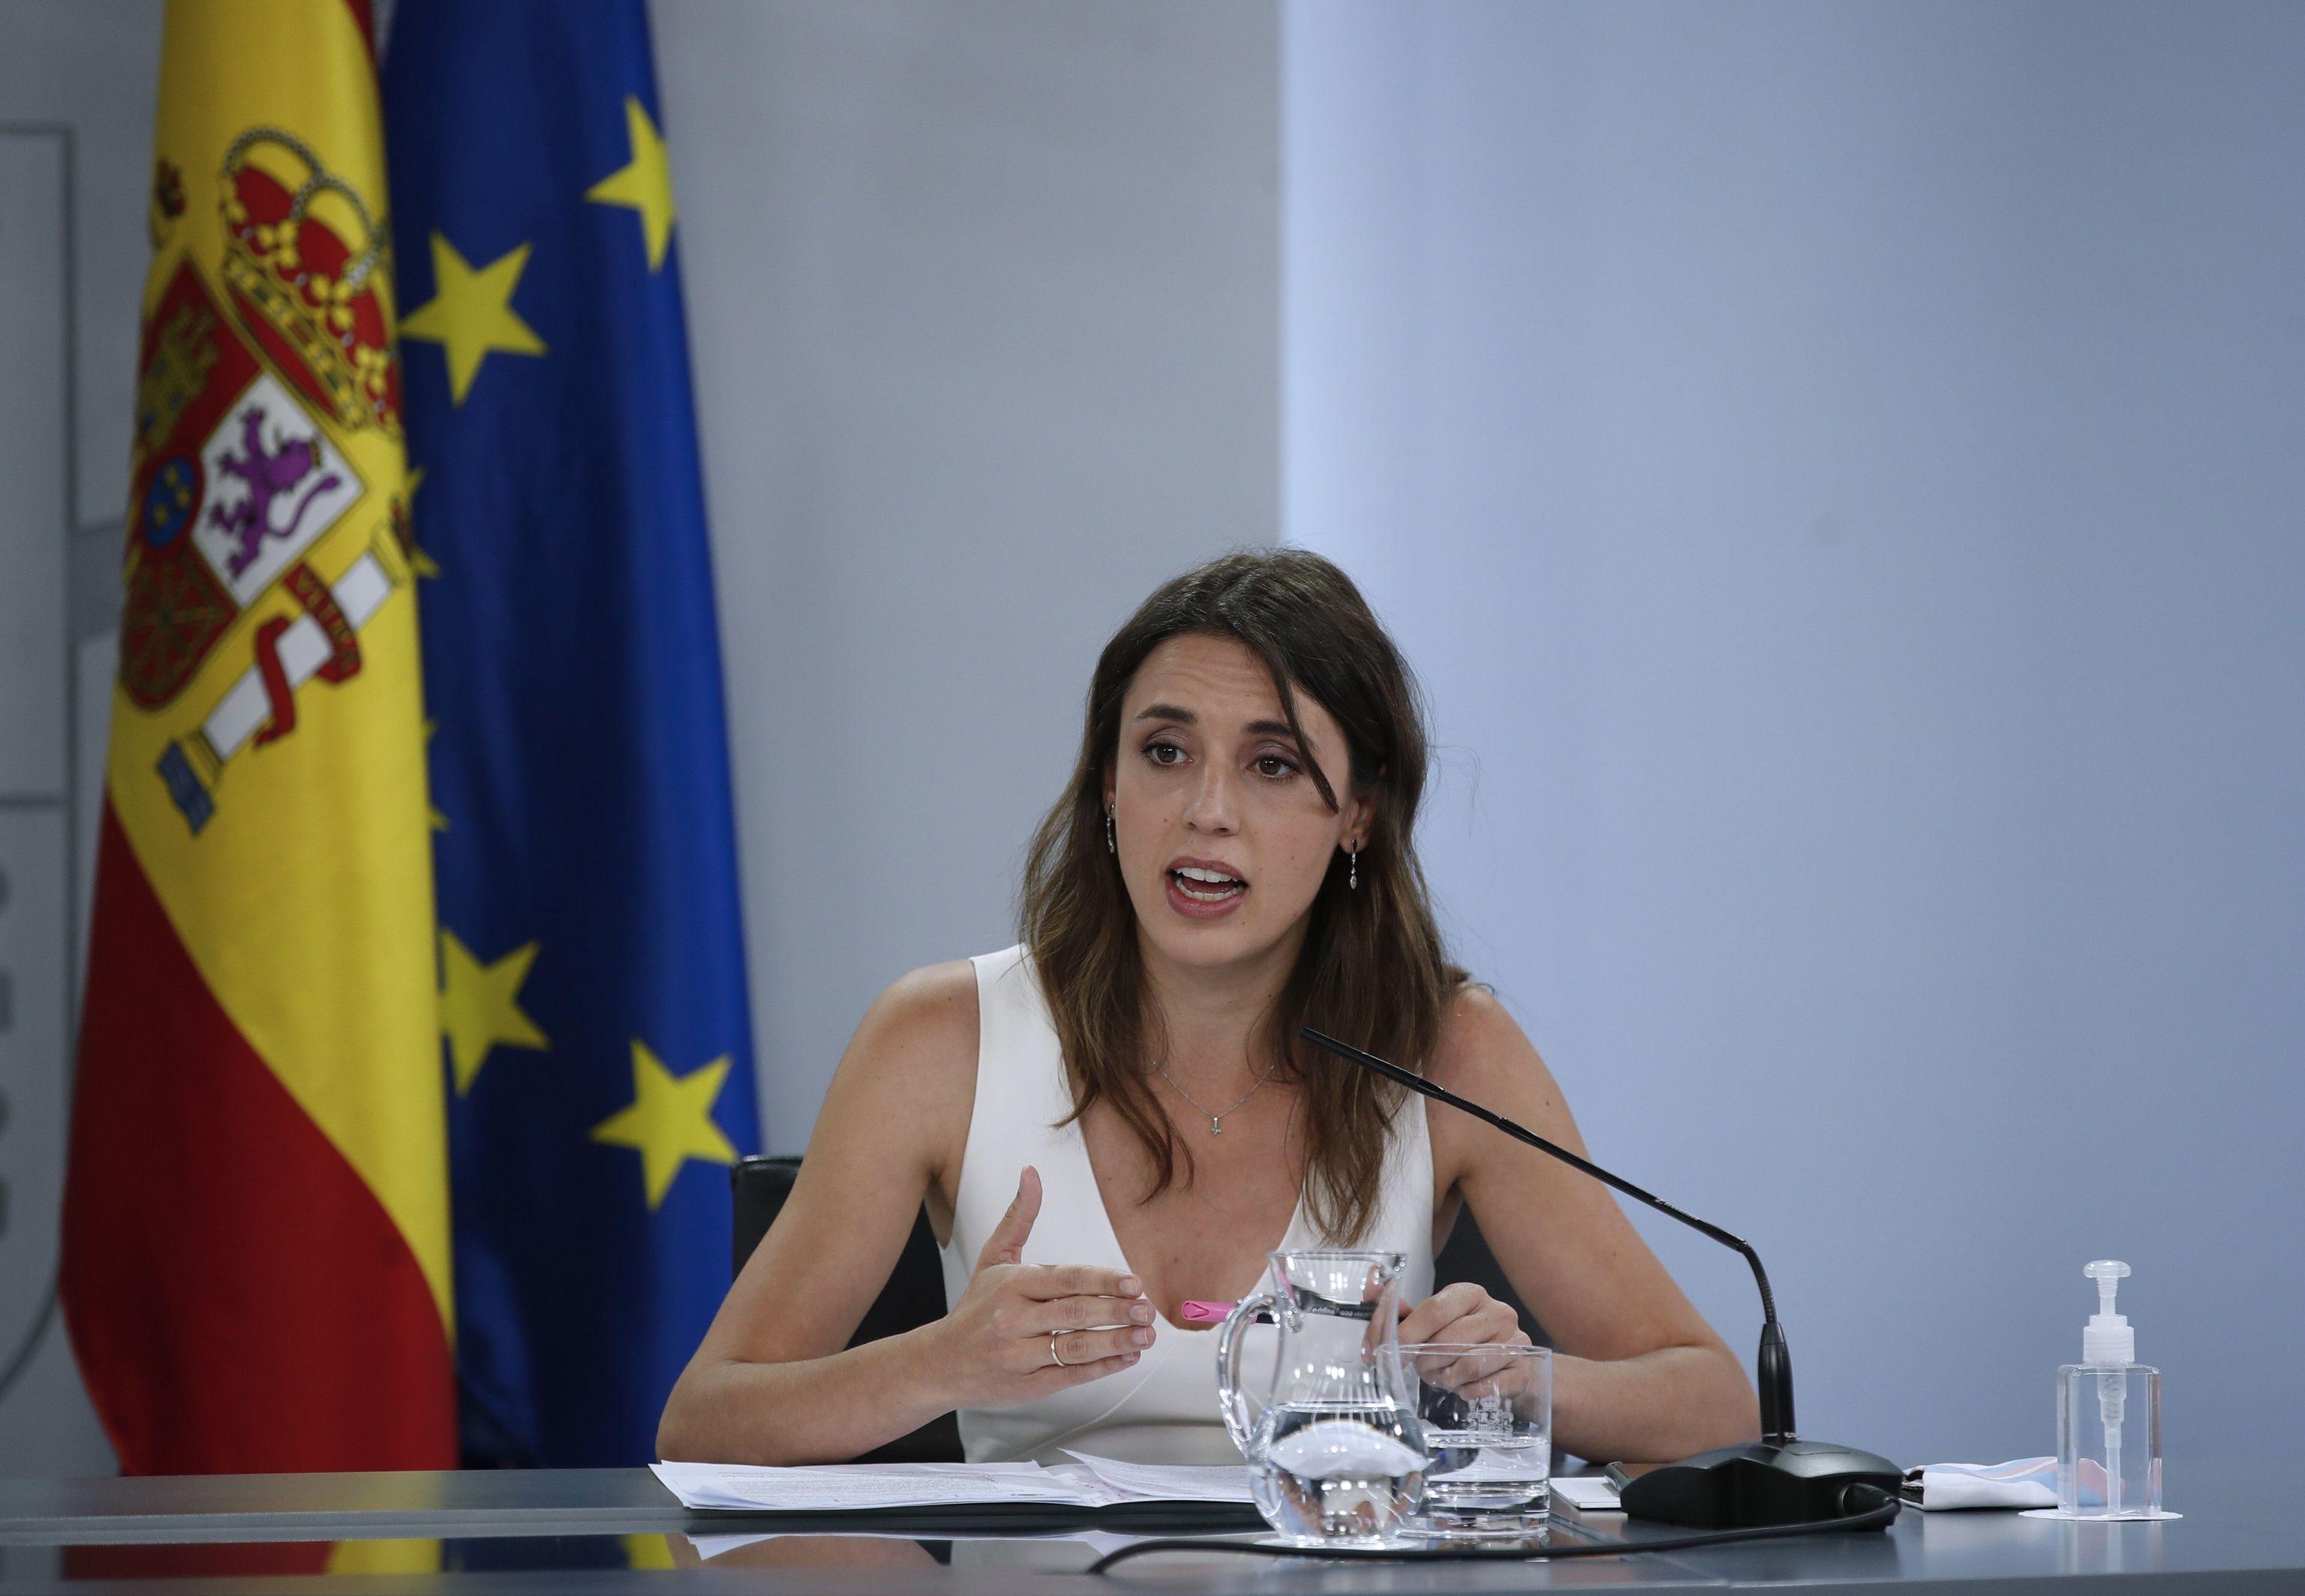 La ministre de l'Égalité, Irene Montero, lors d'une récente apparition à Moncloa.